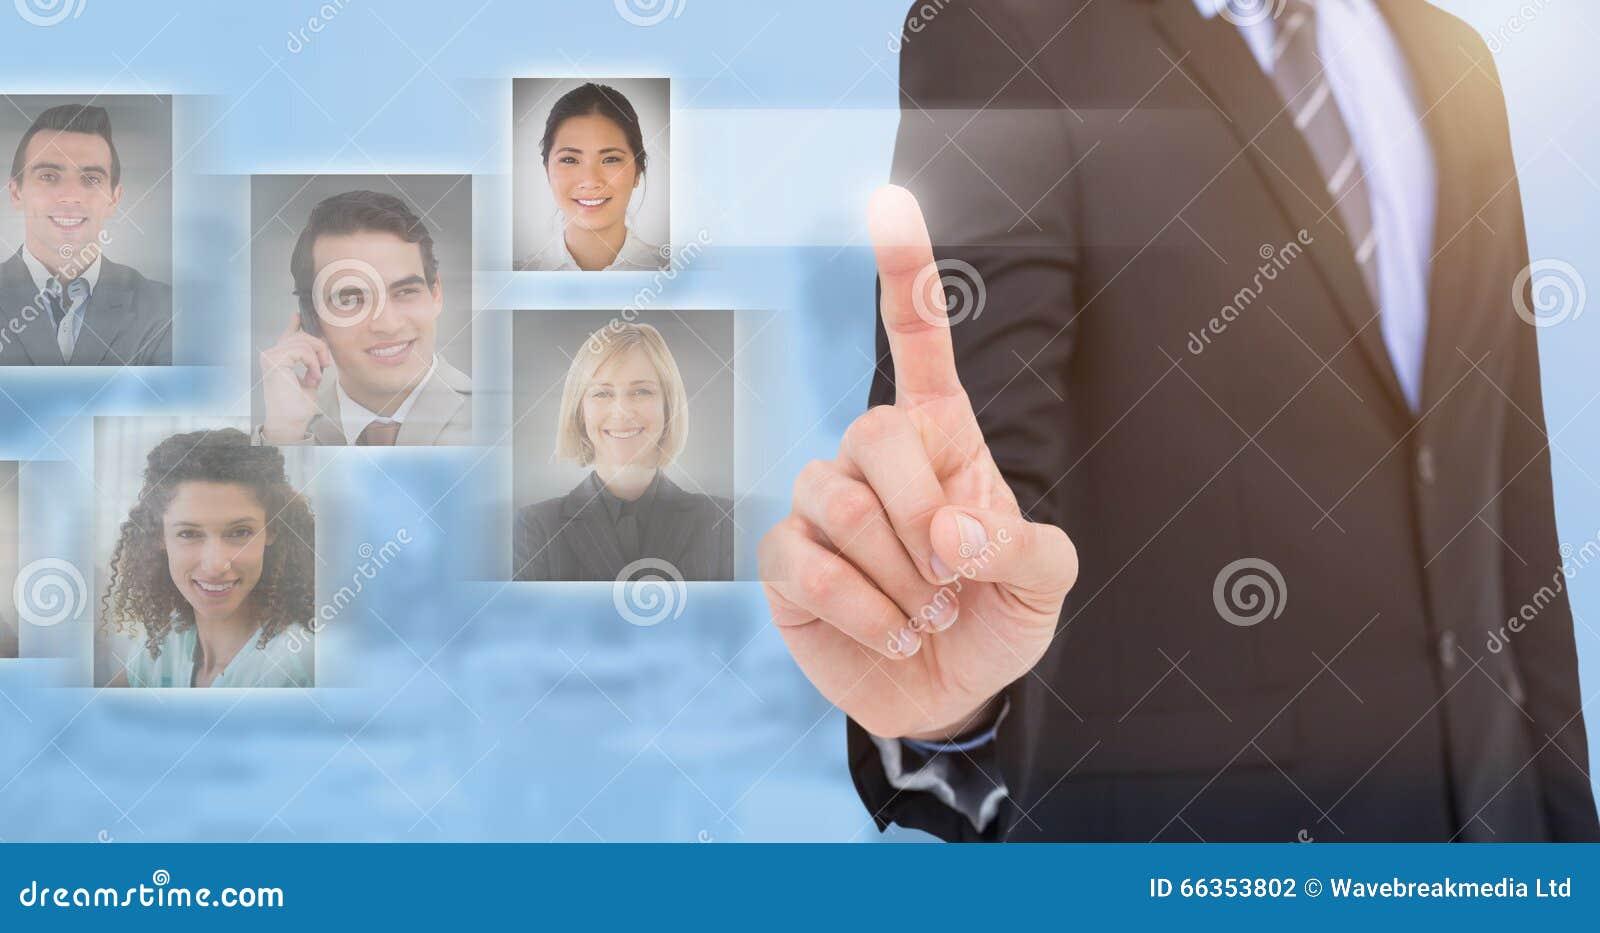 Σύνθετη εικόνα του μέσου τμήματος του επιχειρηματία που δείχνει κάτι επάνω